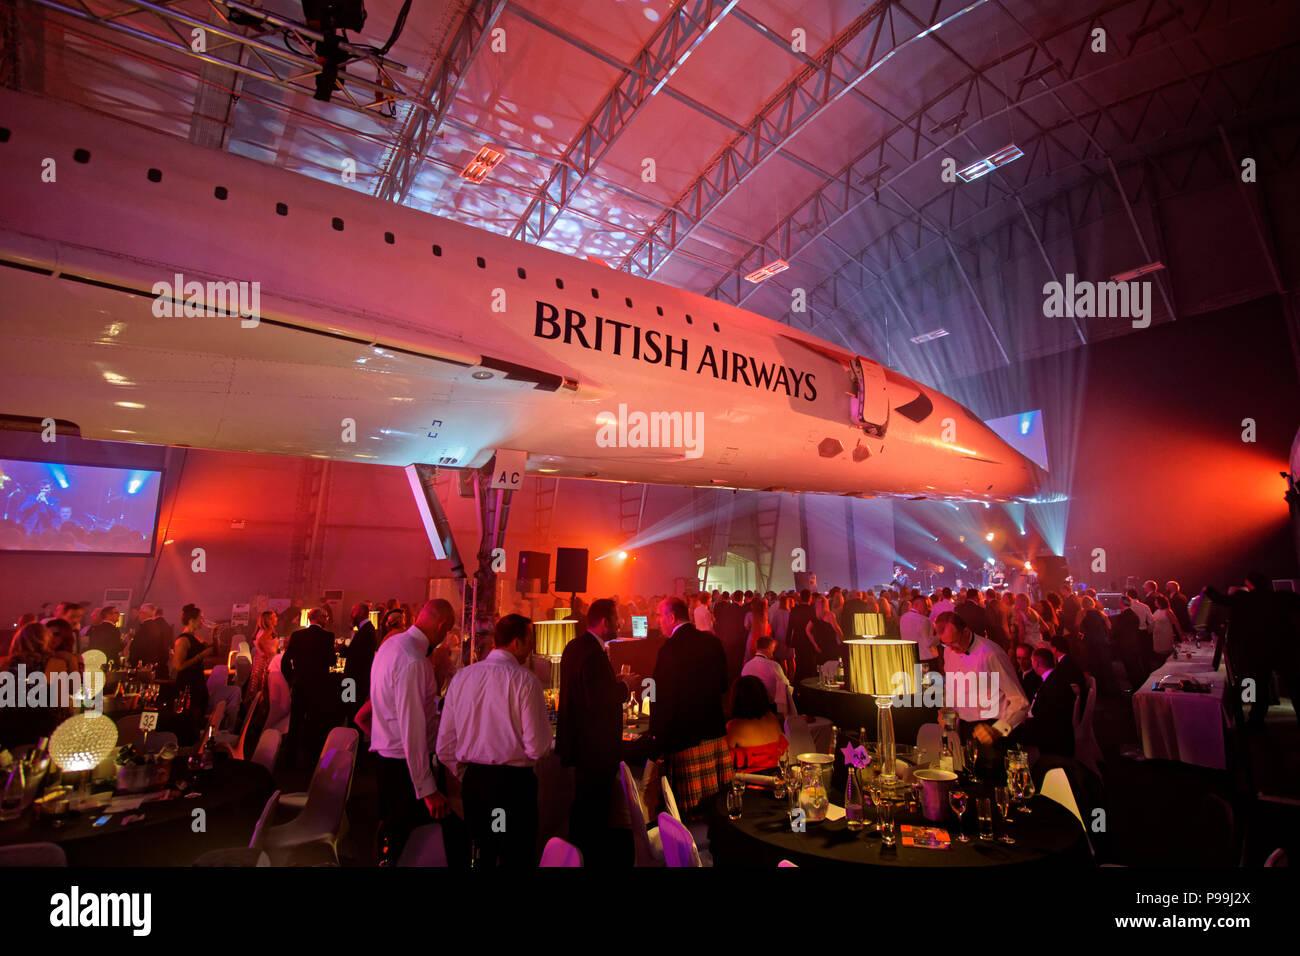 La suite Concorde à l'aéroport de Manchester est l'affichage park à Ringway, Manchester, Greater Manchester, Angleterre, Royaume-Uni. Photo Stock